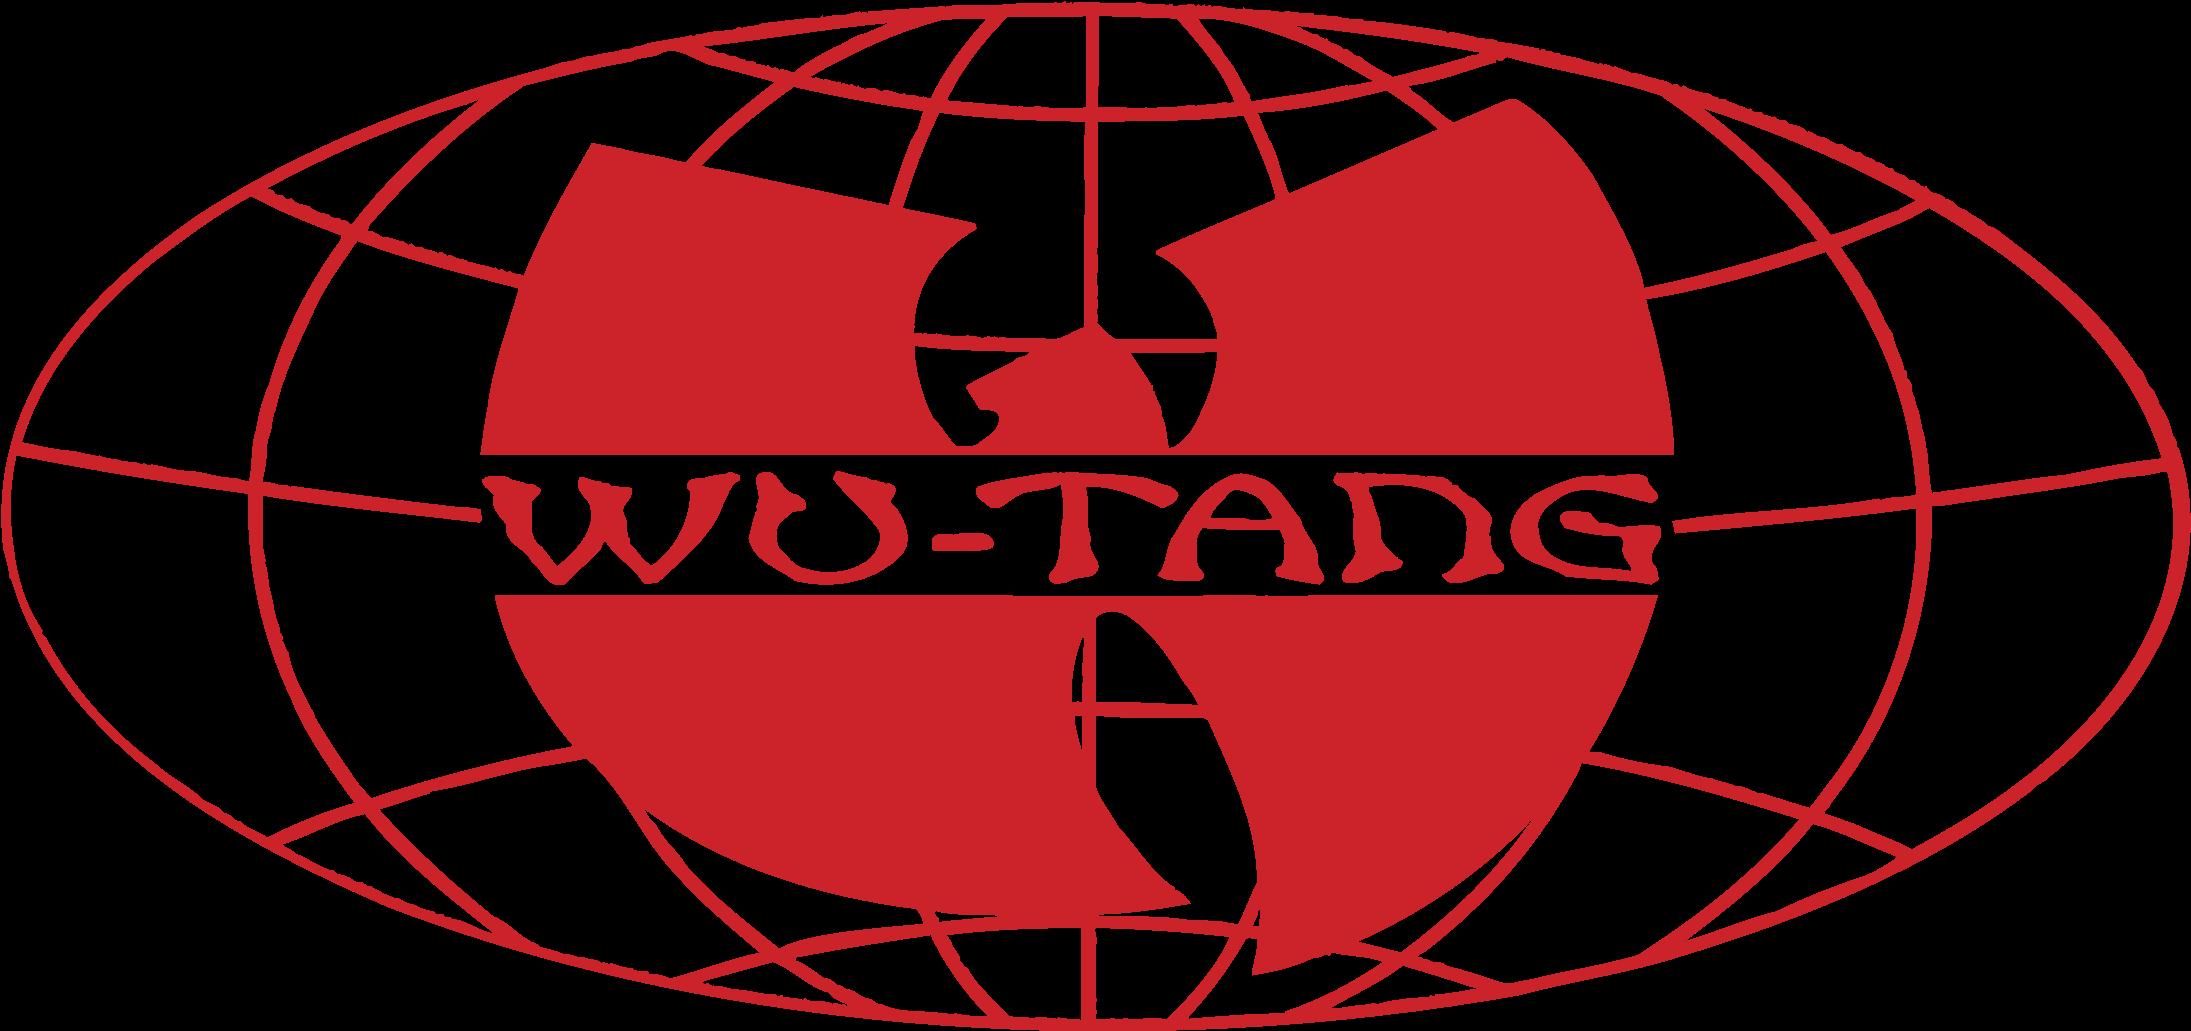 Wu Tang Clan Logo Png Transparent - Wu Tang Forever Logo (2400x2400), Png Download